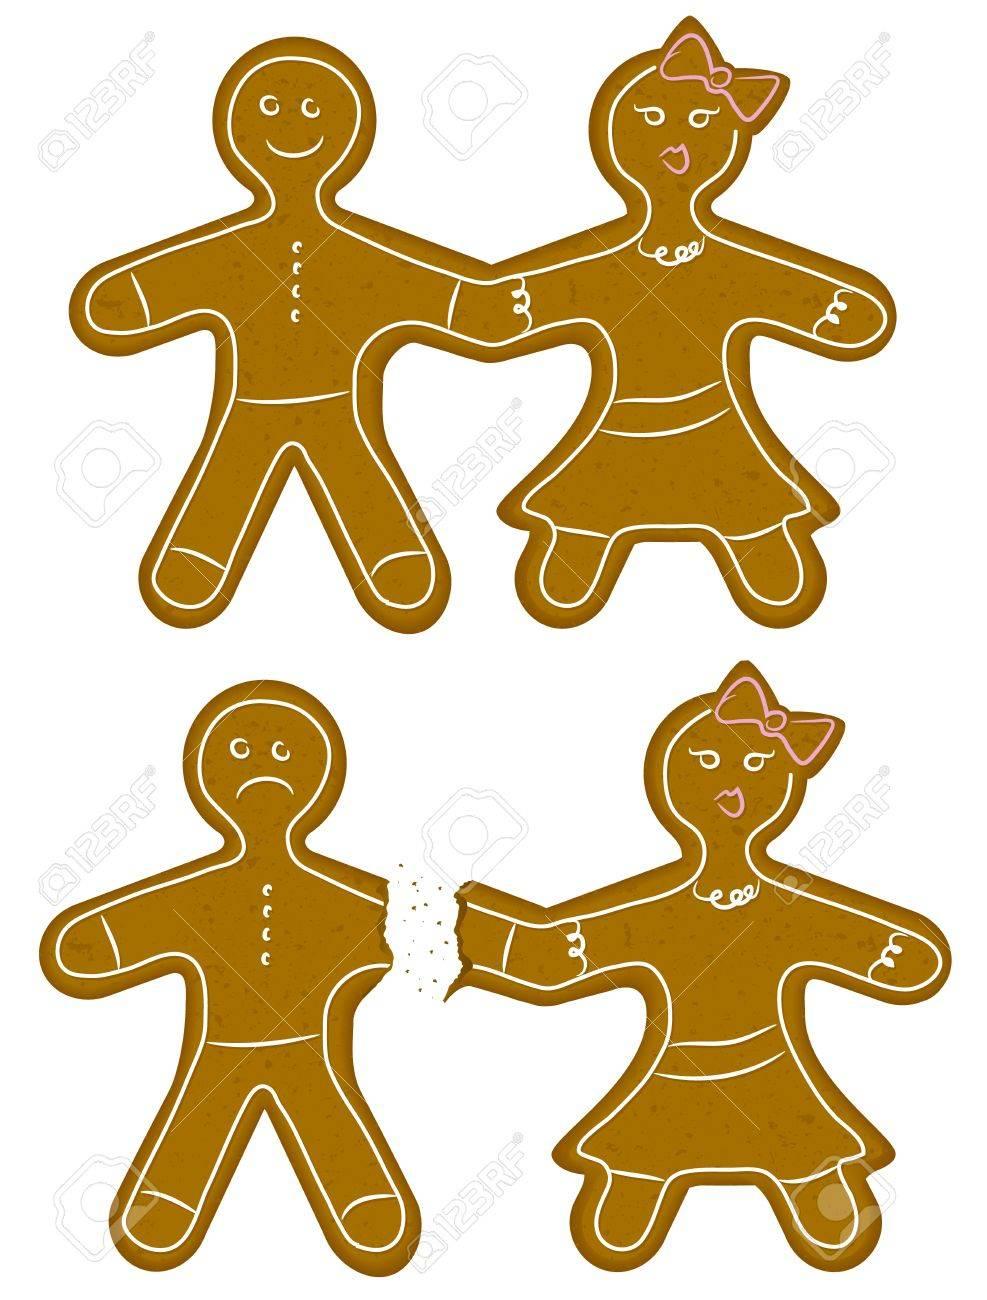 Gingerbread Couple Break Up Stock Vector - 16627899